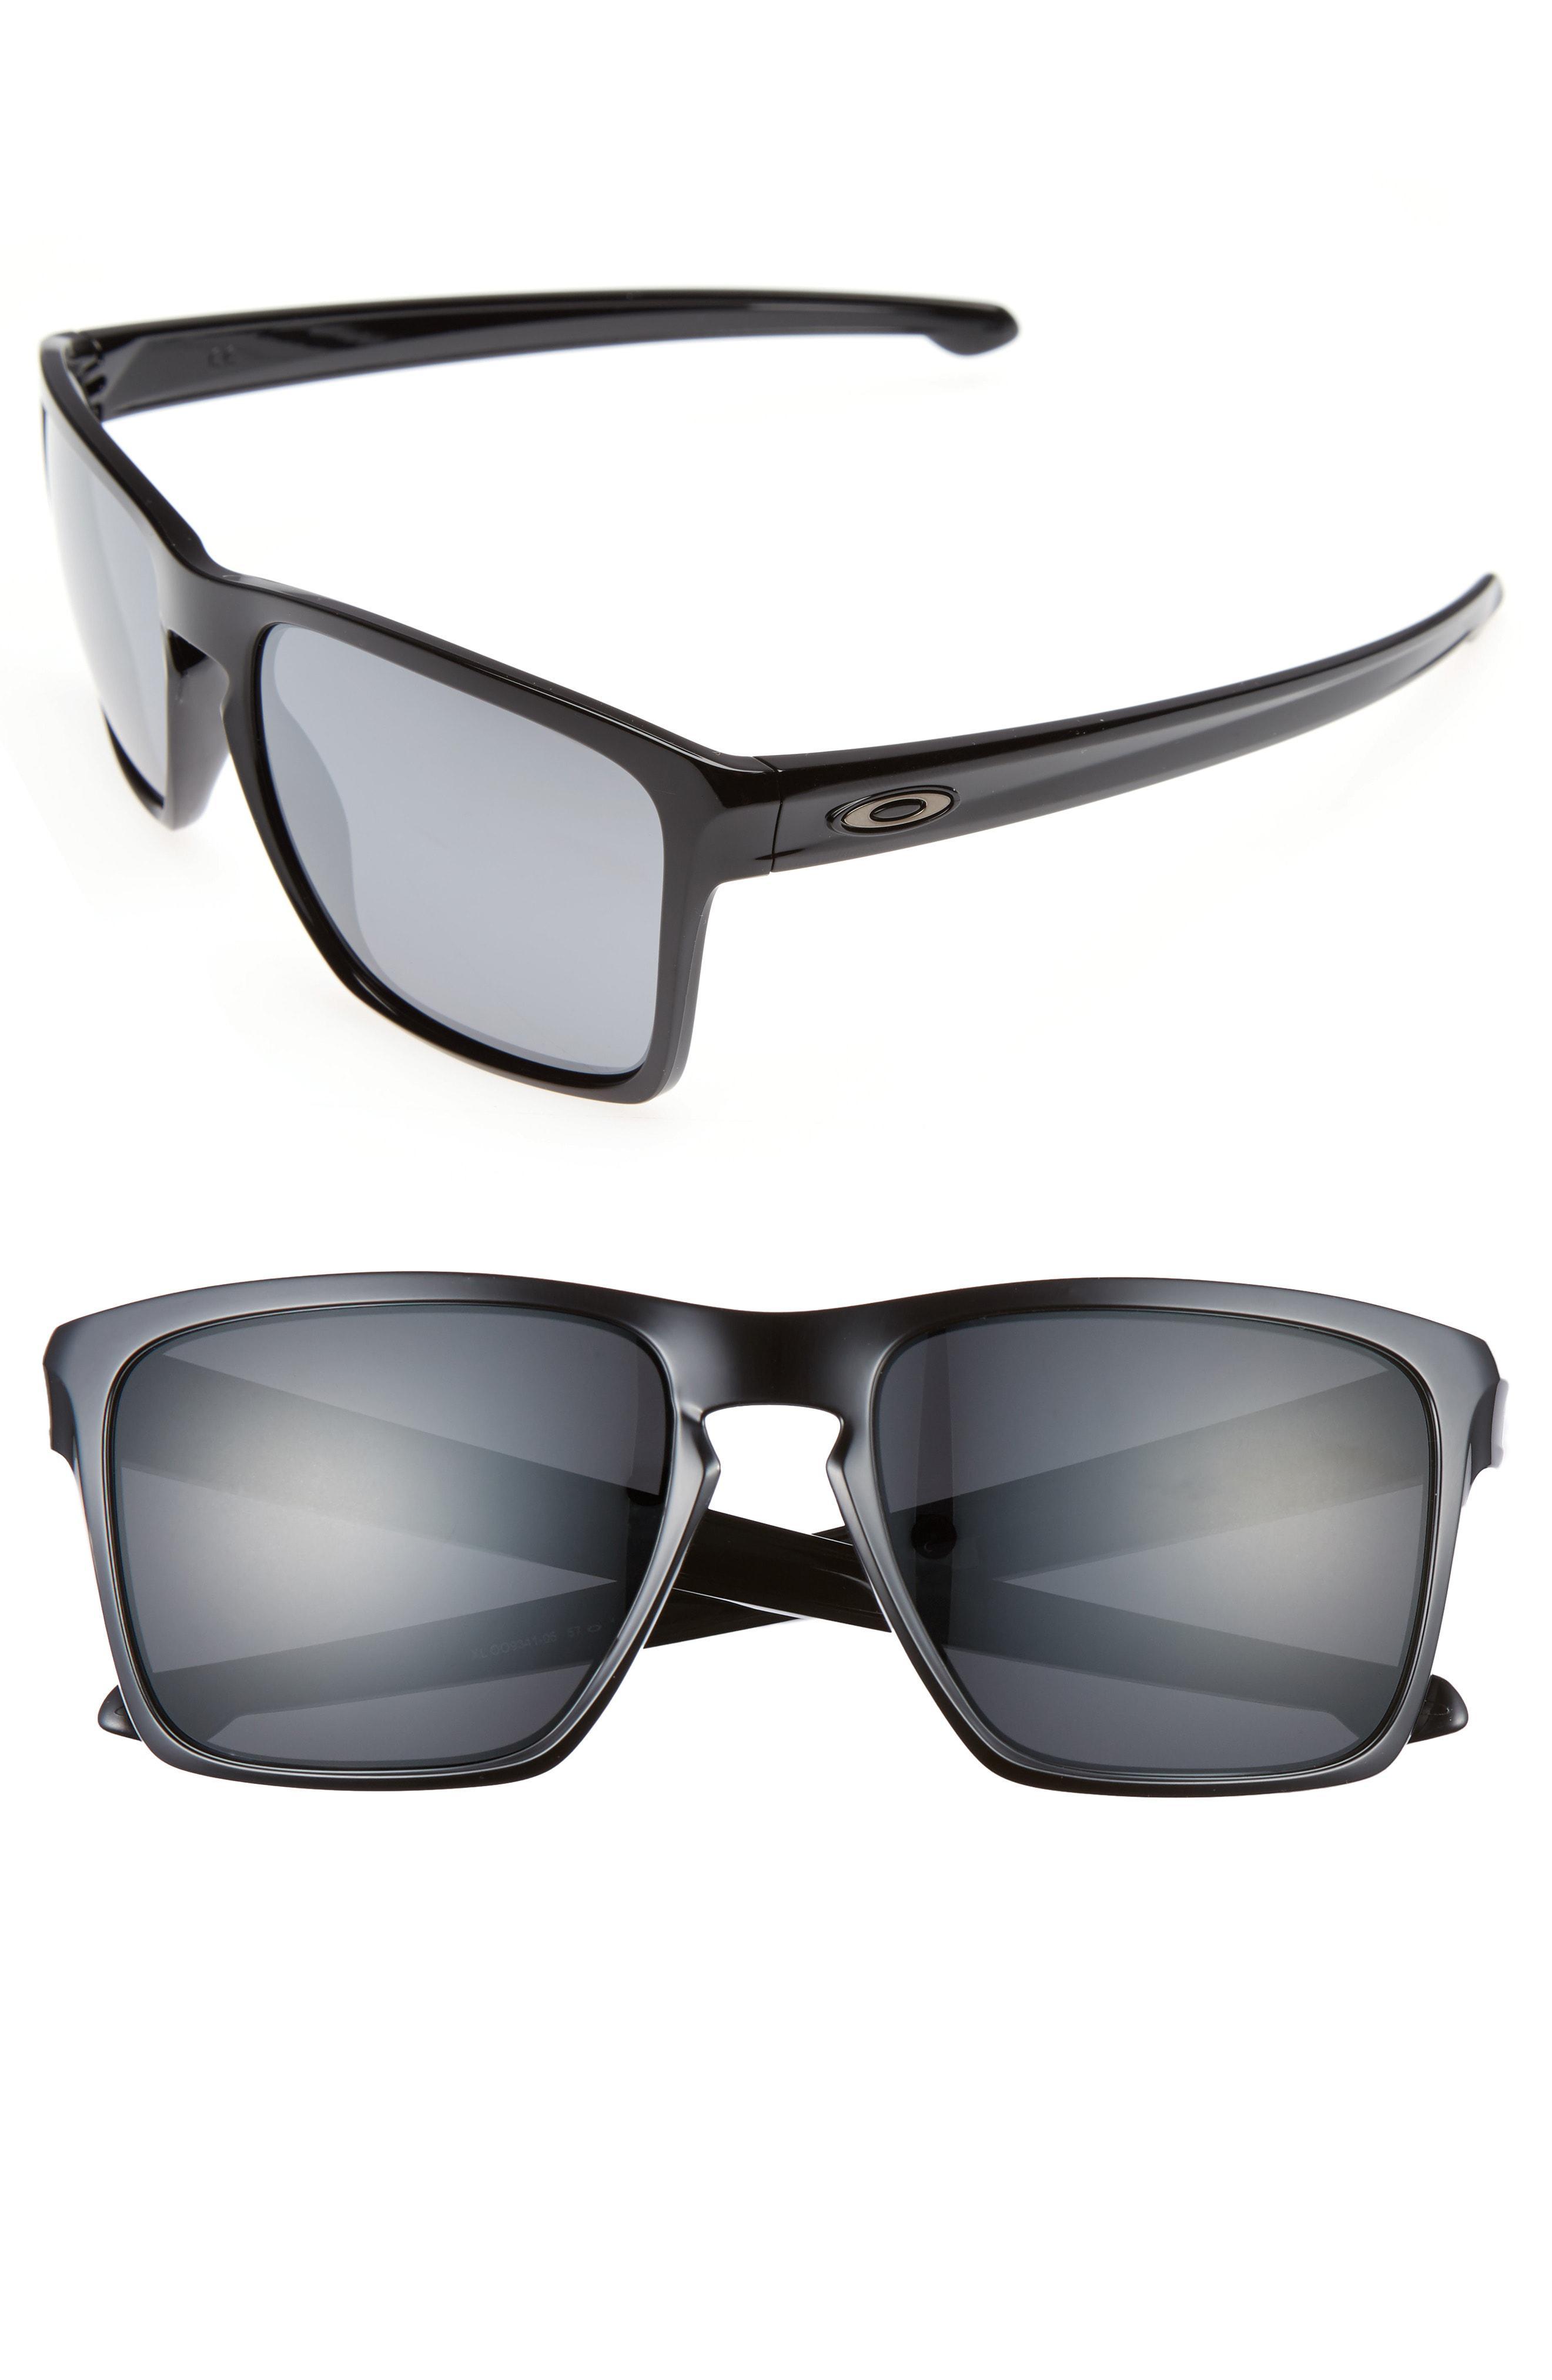 690d398429 Lyst - Oakley Silver Xl 57mm Sunglasses in Black for Men